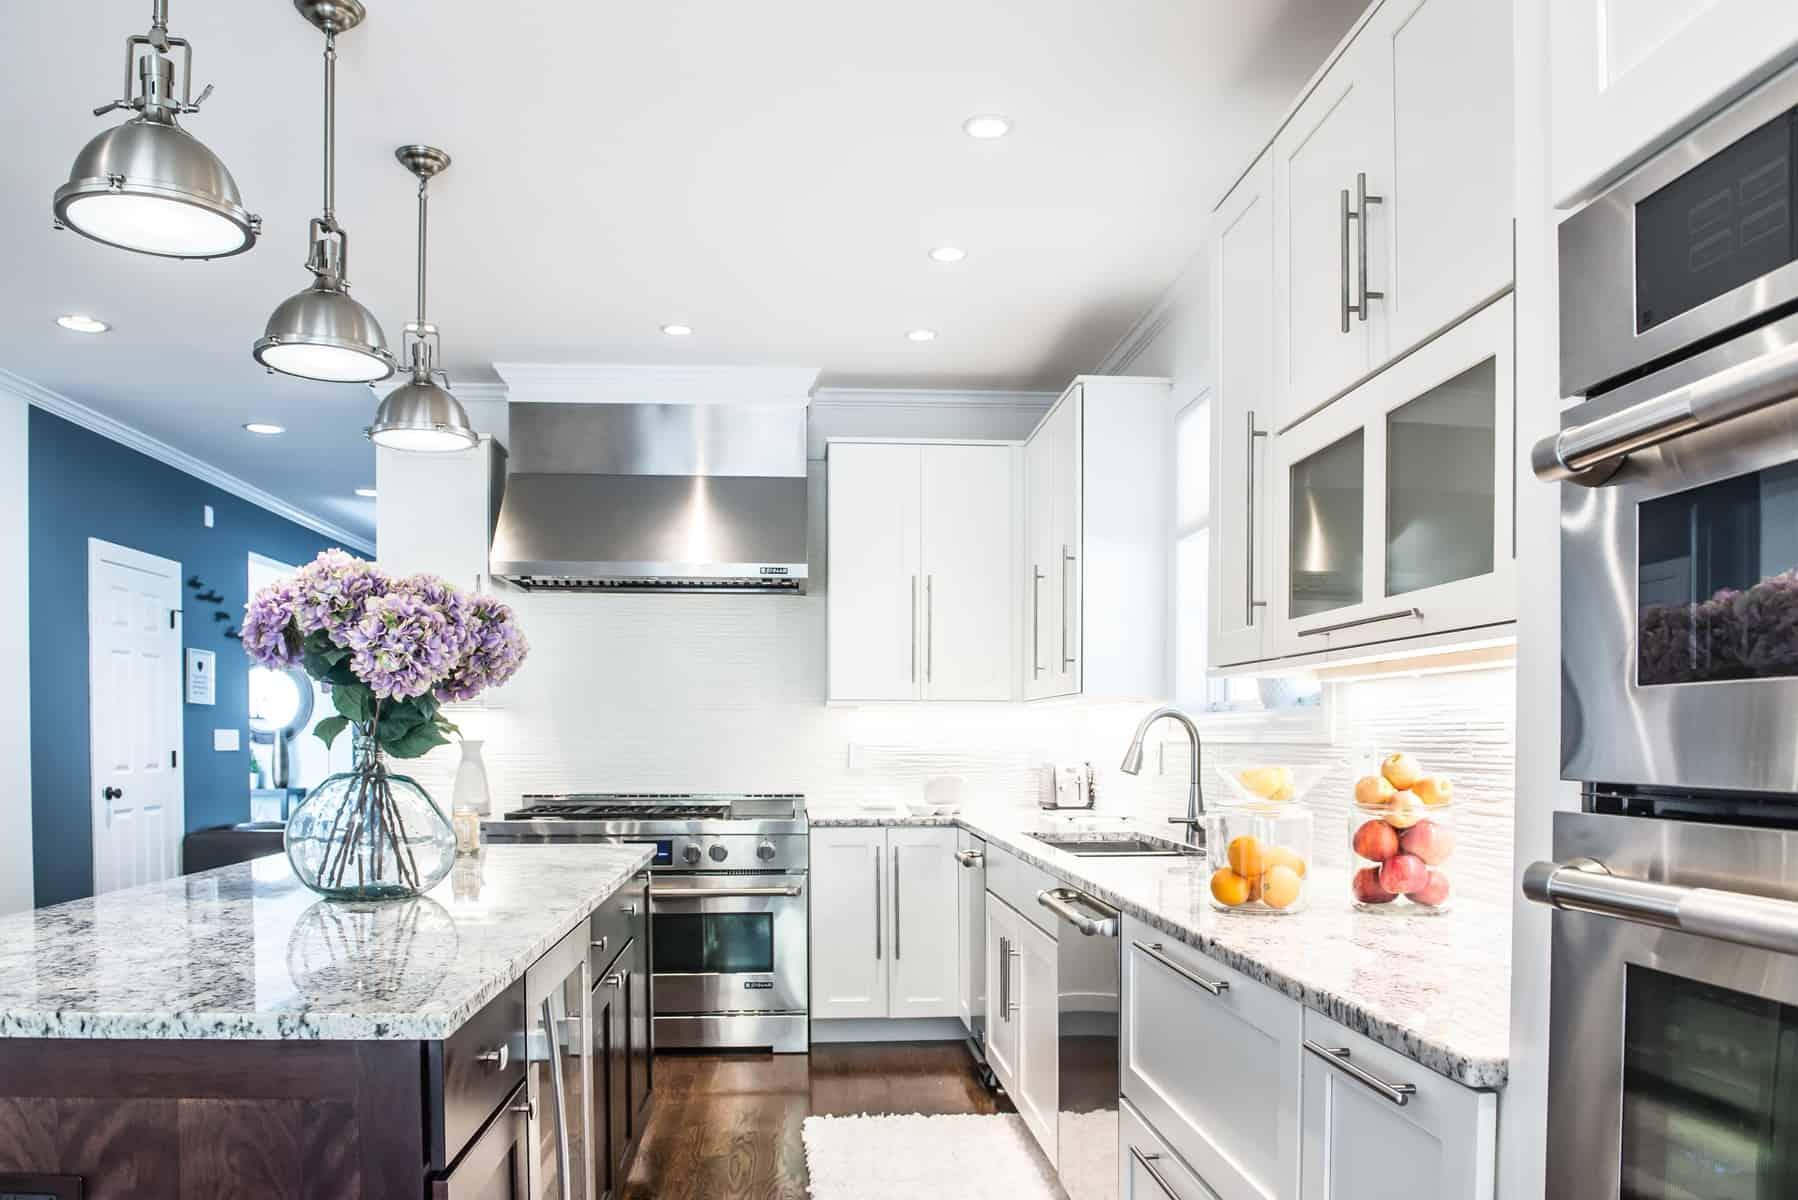 New Kitchen in Peekshill NY